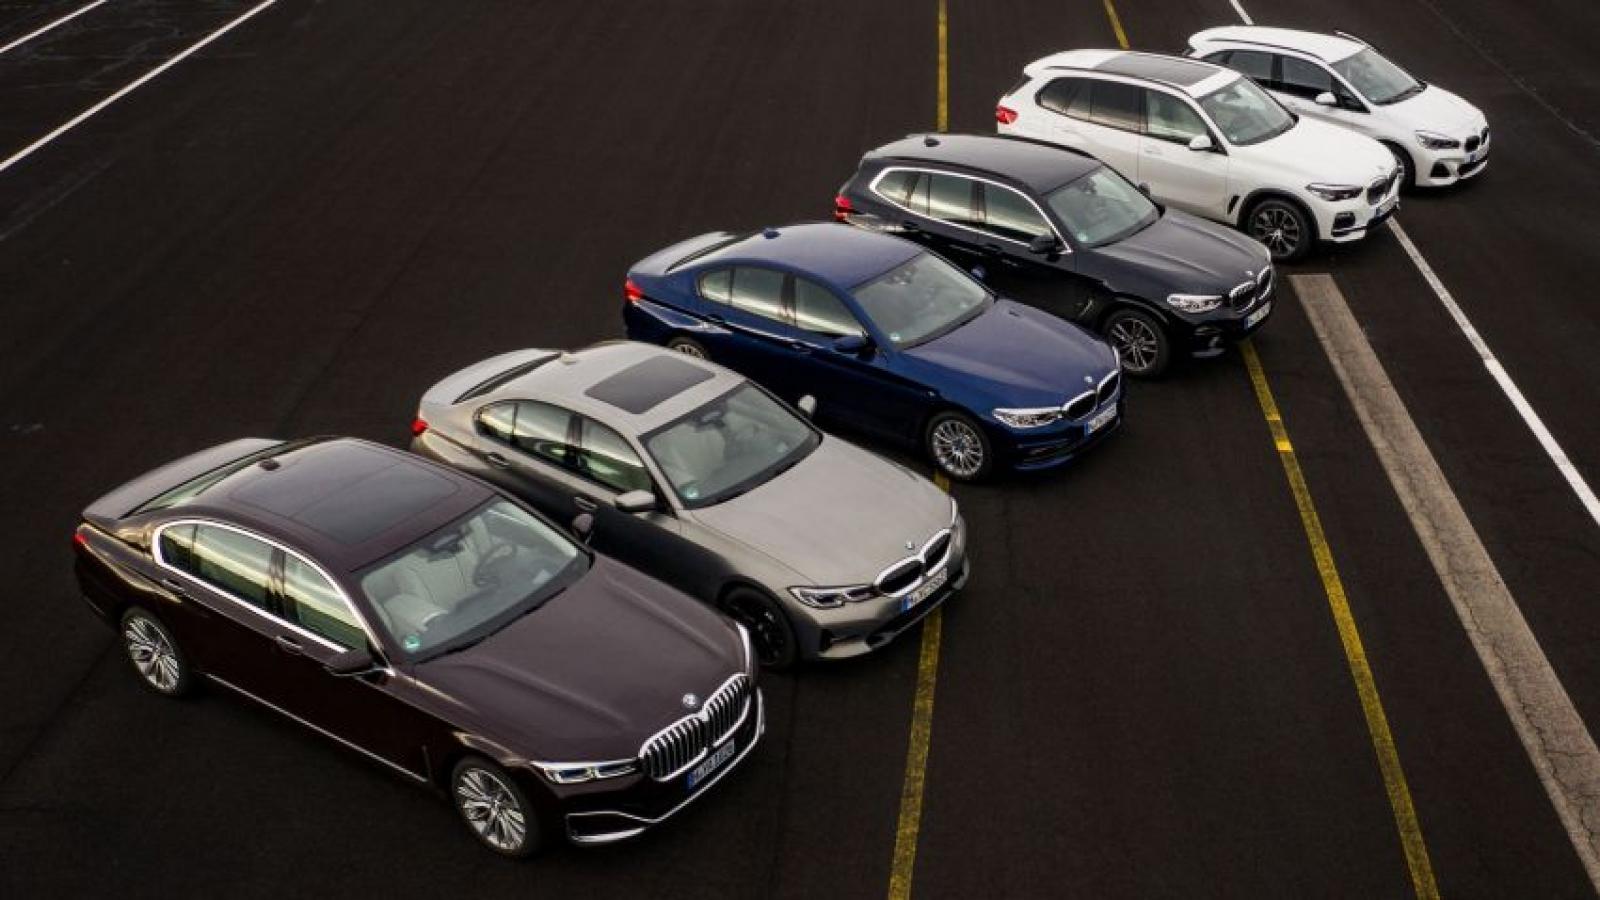 BMW sẽ đơn giản hóa danh mục sản phẩm để tập trung vào xe điện